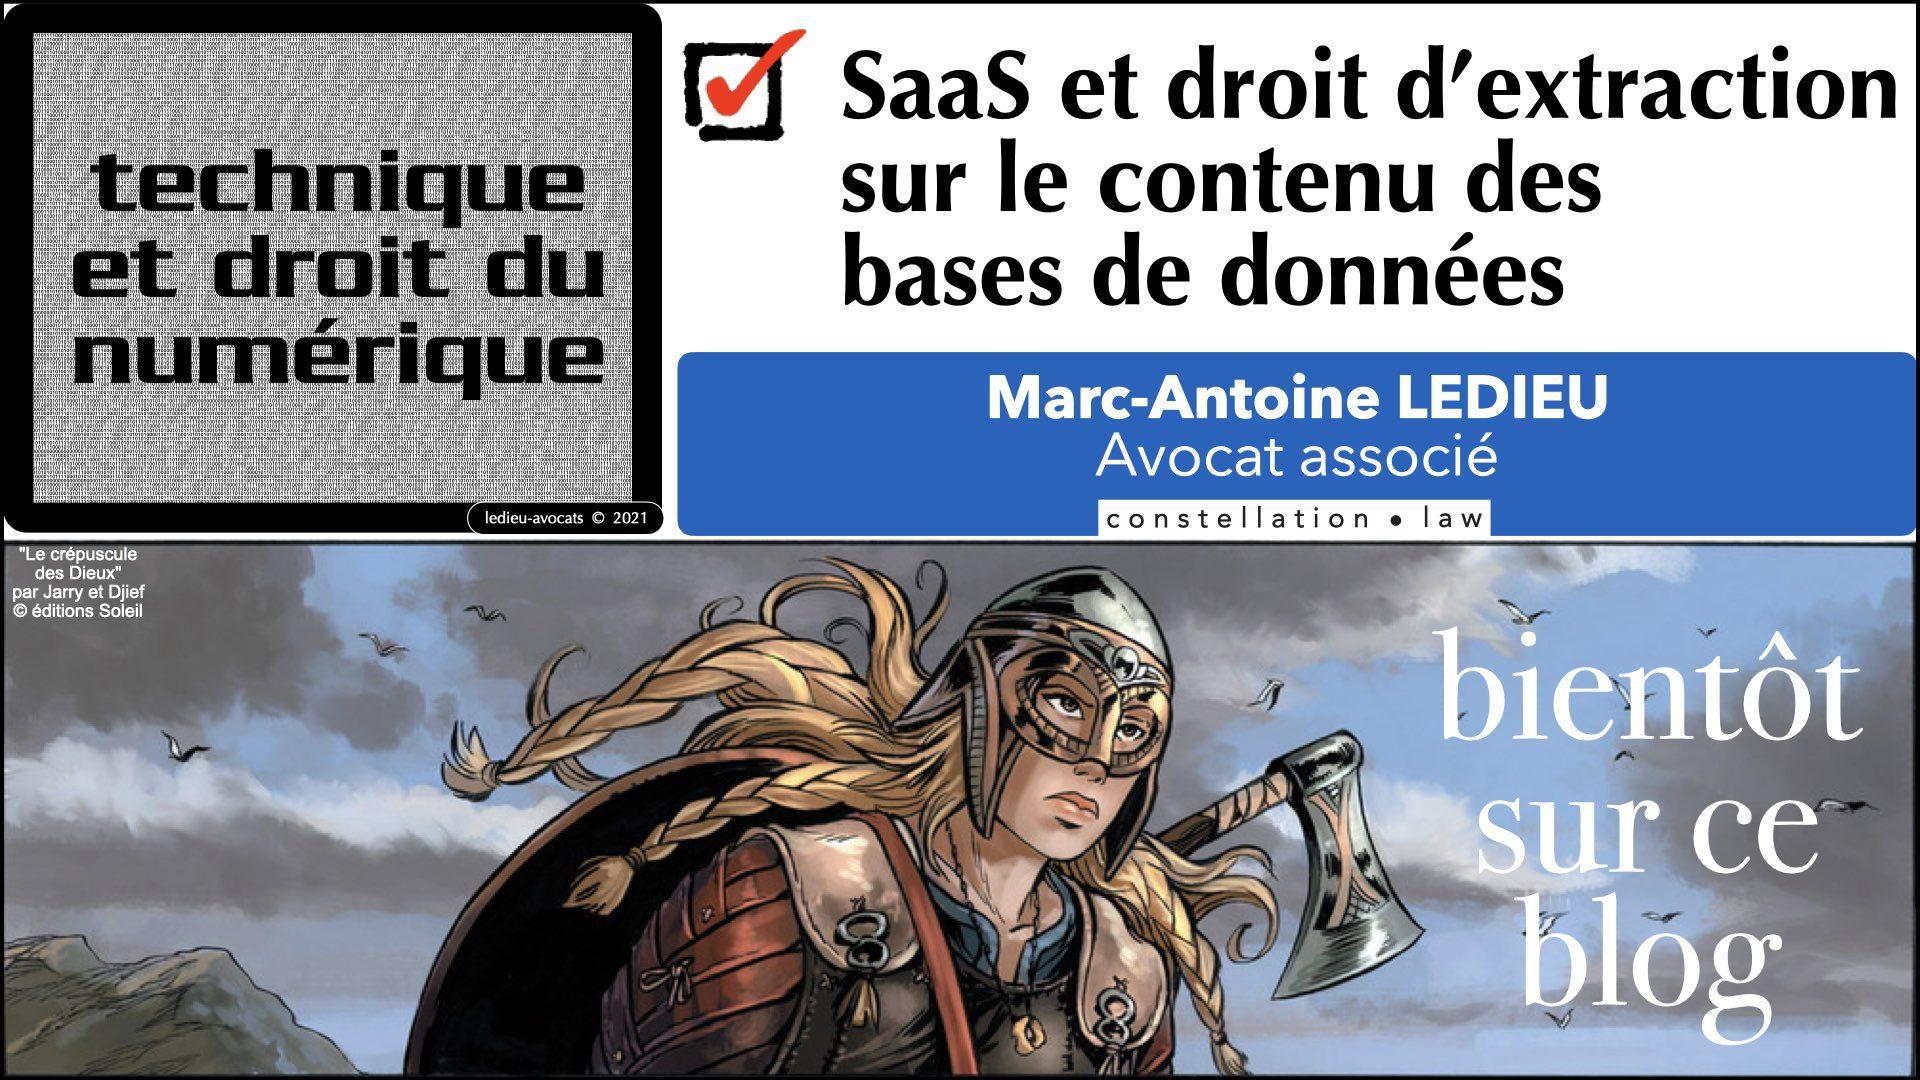 343 service LOGICIEL SaaS Software-as-a-Service cloud computing © Ledieu-Avocats technique droit numerique 30-08-2021.072